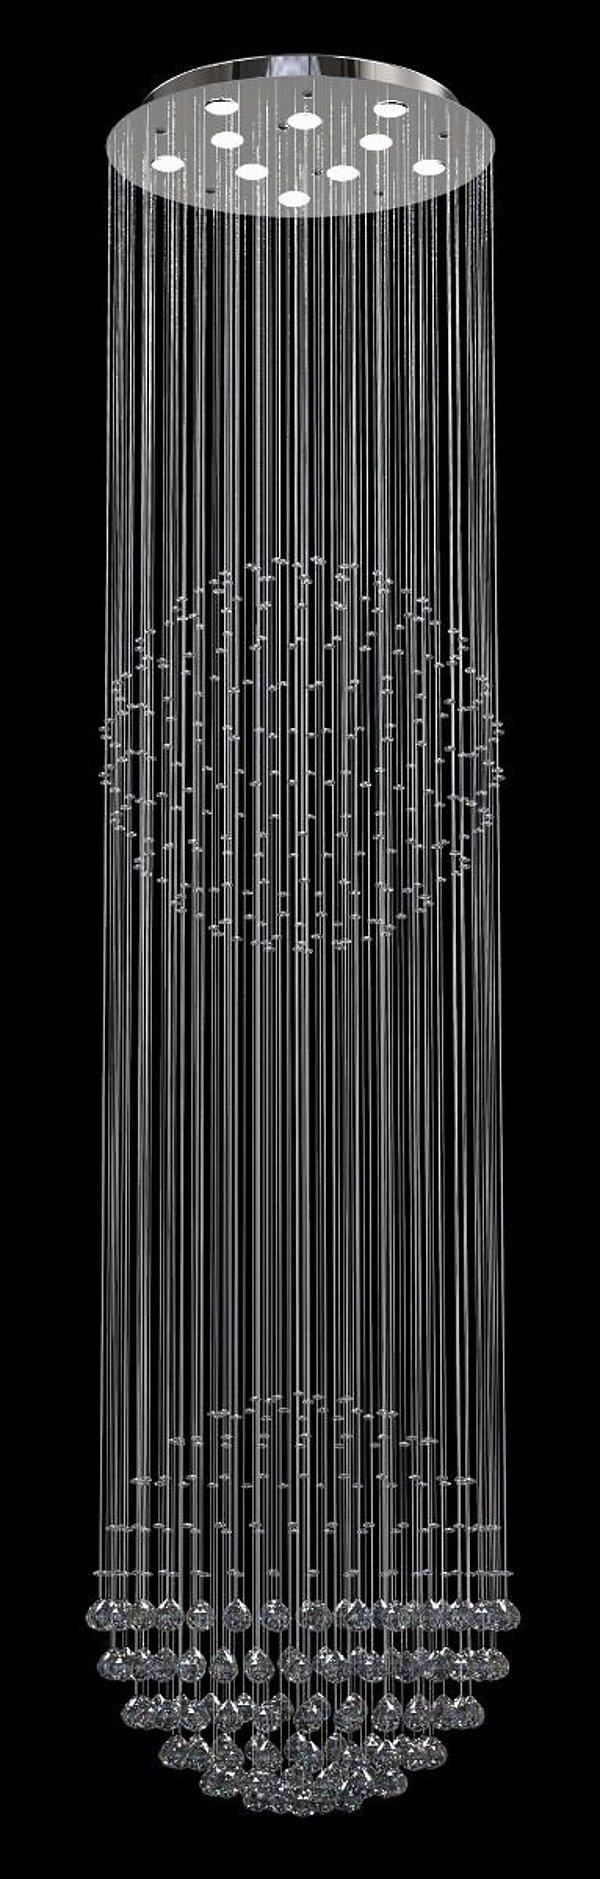 Lustre Redondo Inox Espelhado 2 Esferas Cristal Translúcido 10 Lâmpadas Ø60x2,80 New Design Gu10 G2/60 Quartos e Hall